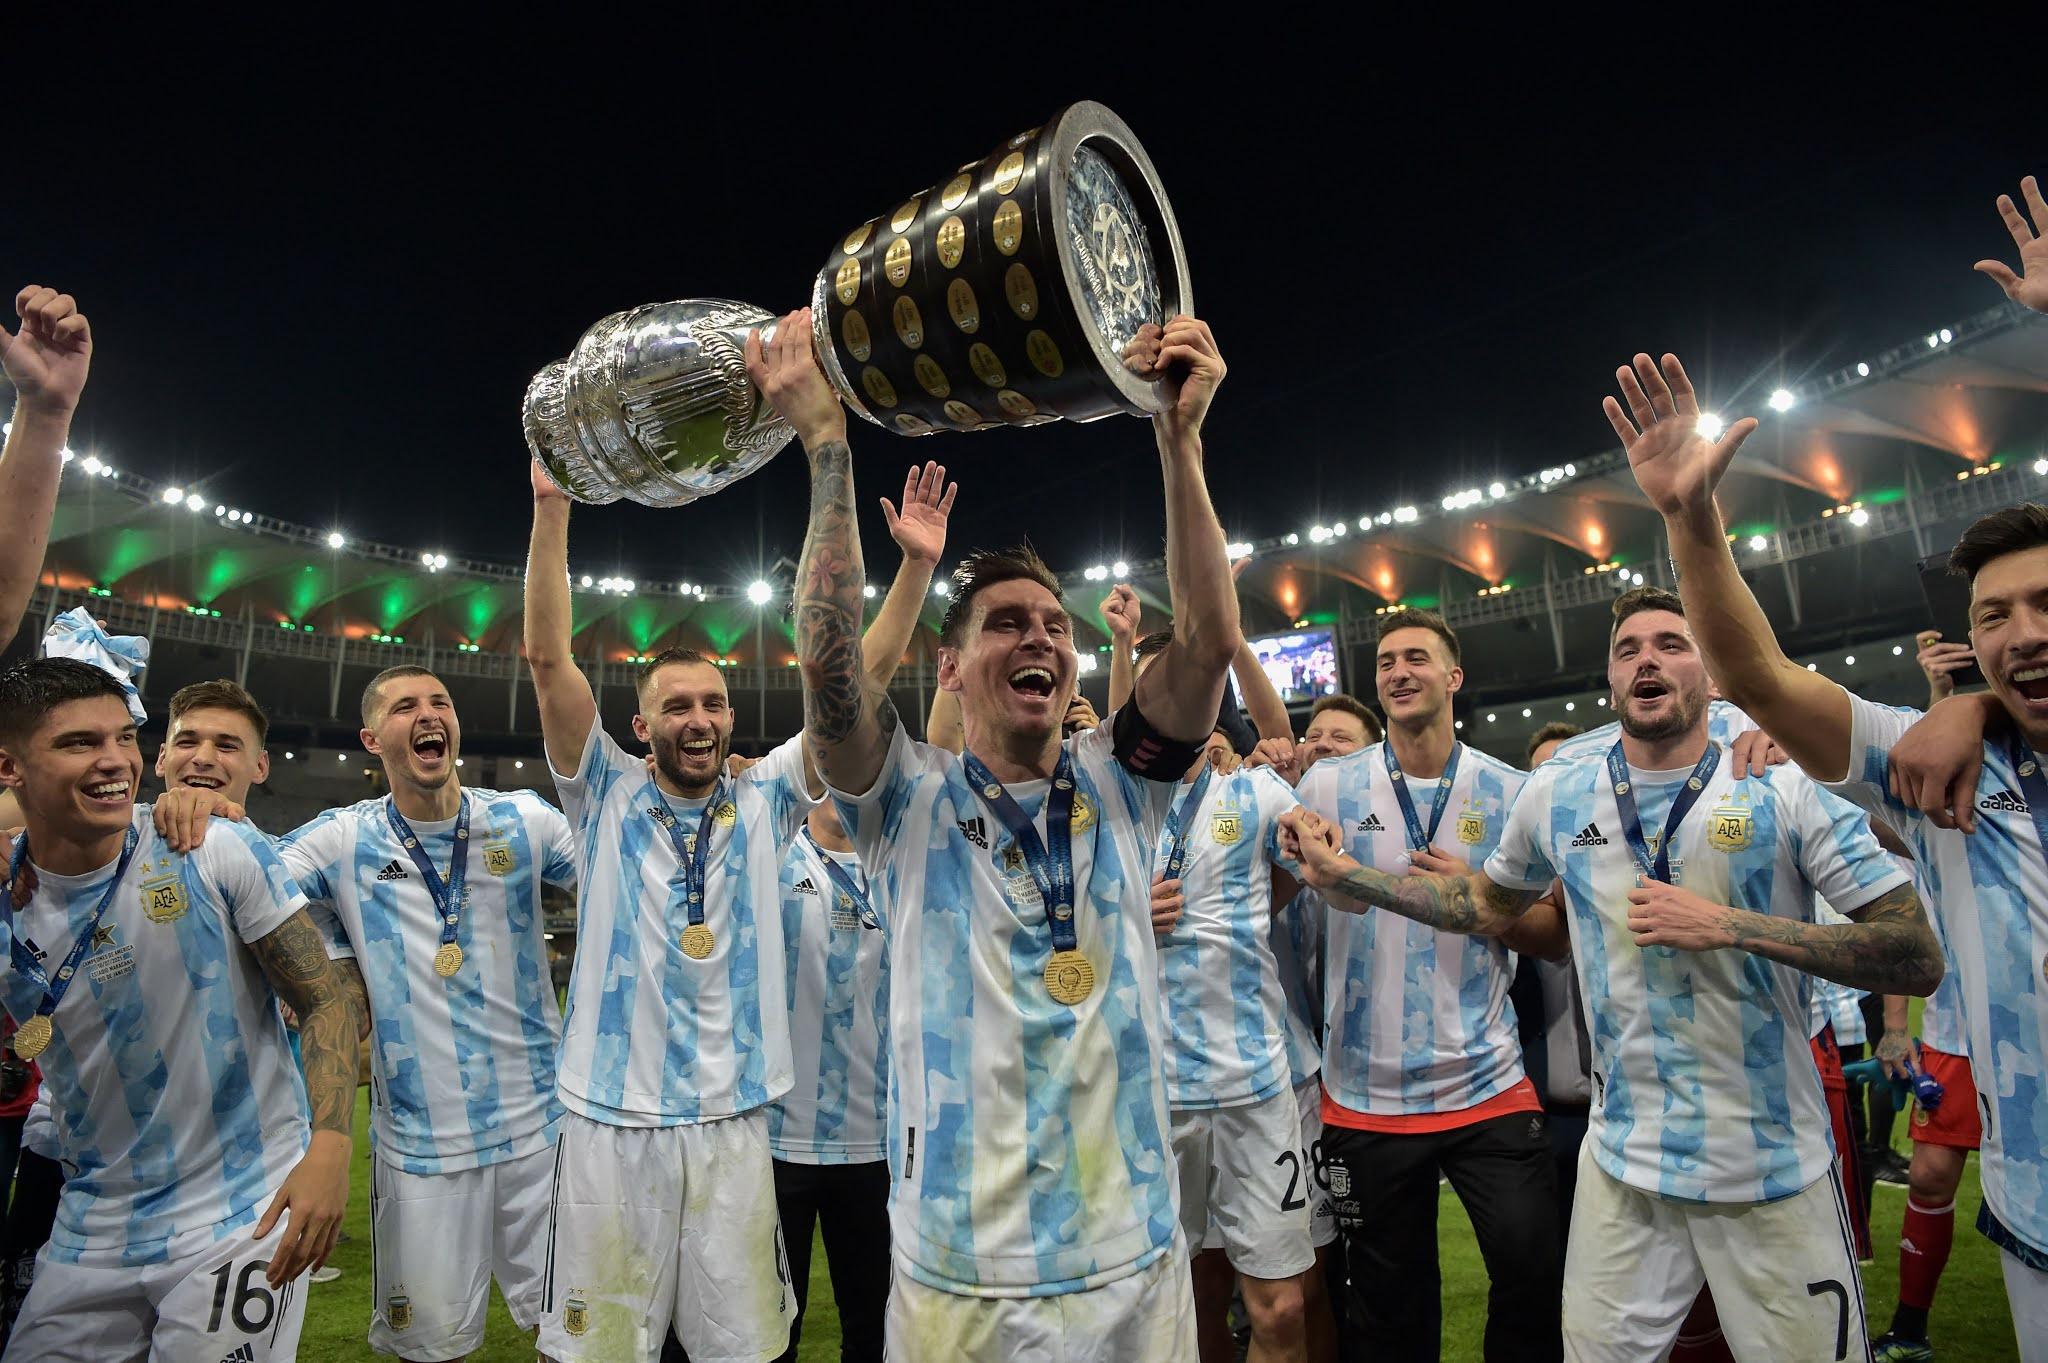 GALERIA DE FOTOS: Las mejores imágenes de Argentina campeón de la Copa América 2021 en el Maracaná